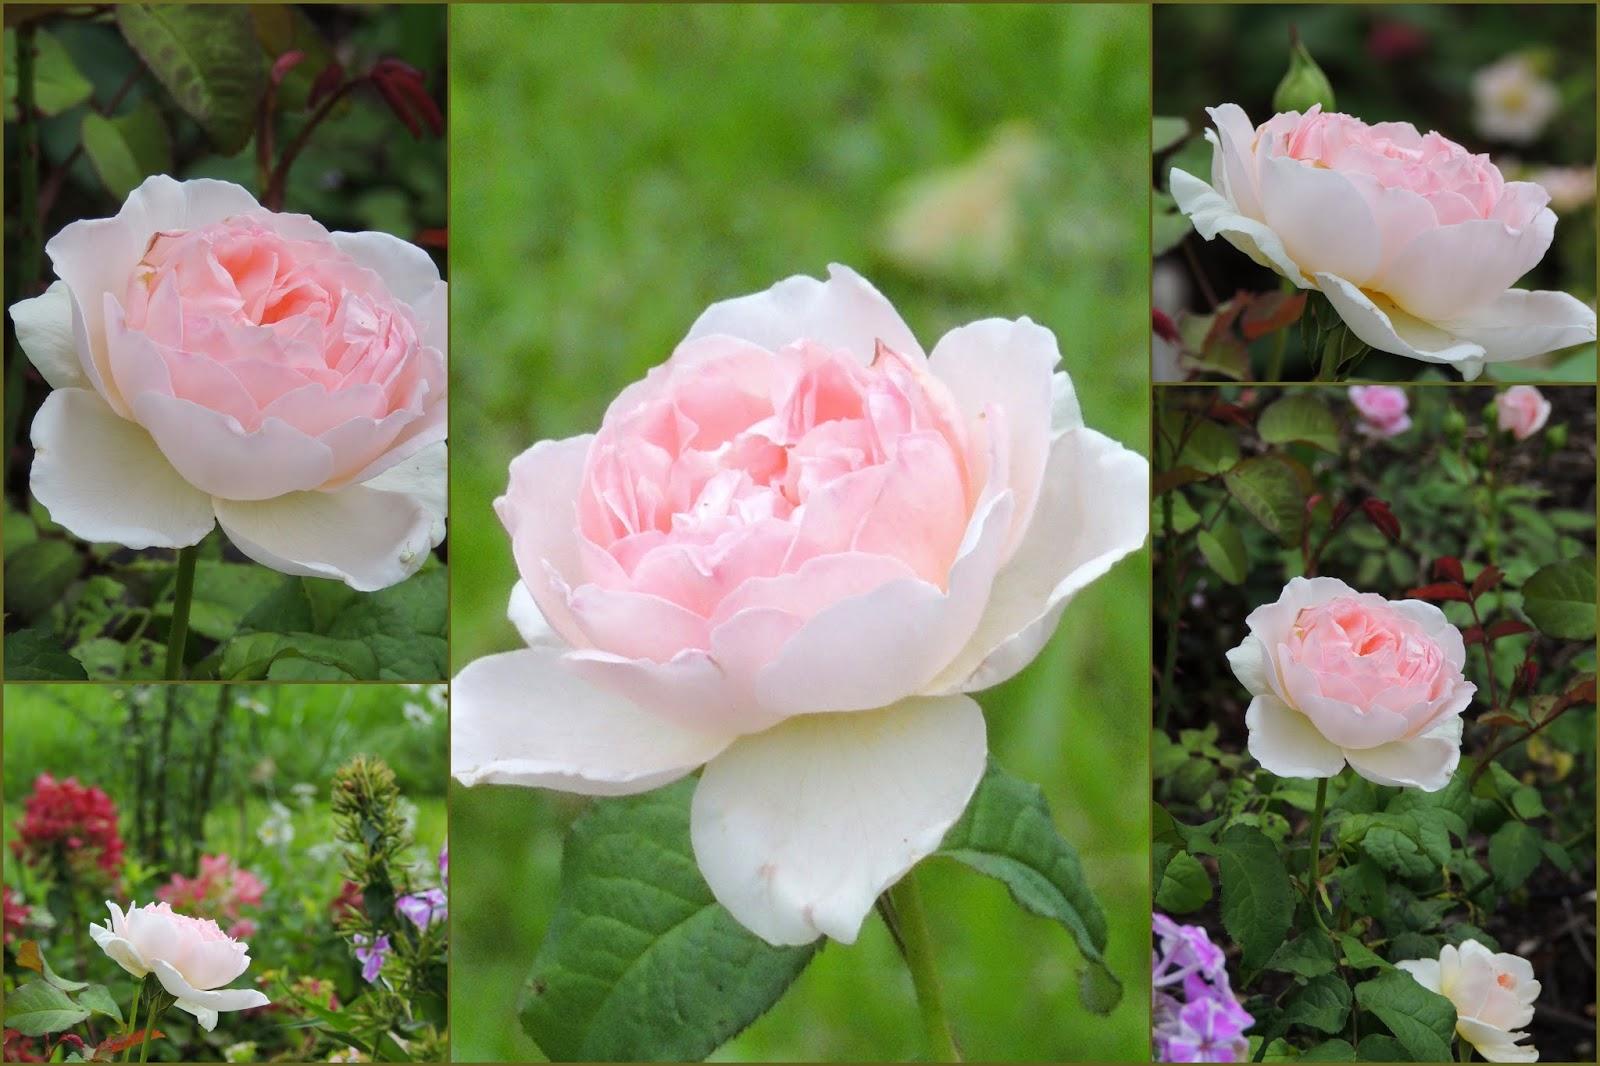 Il etait un petit jard 39 ain gloriette en folie - Deplacer un rosier ...